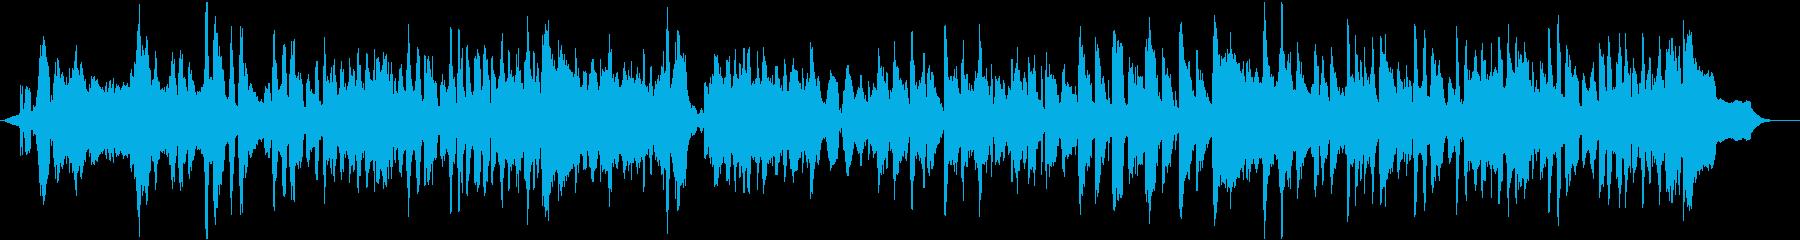 ハロウィンをテーマにした楽曲の再生済みの波形